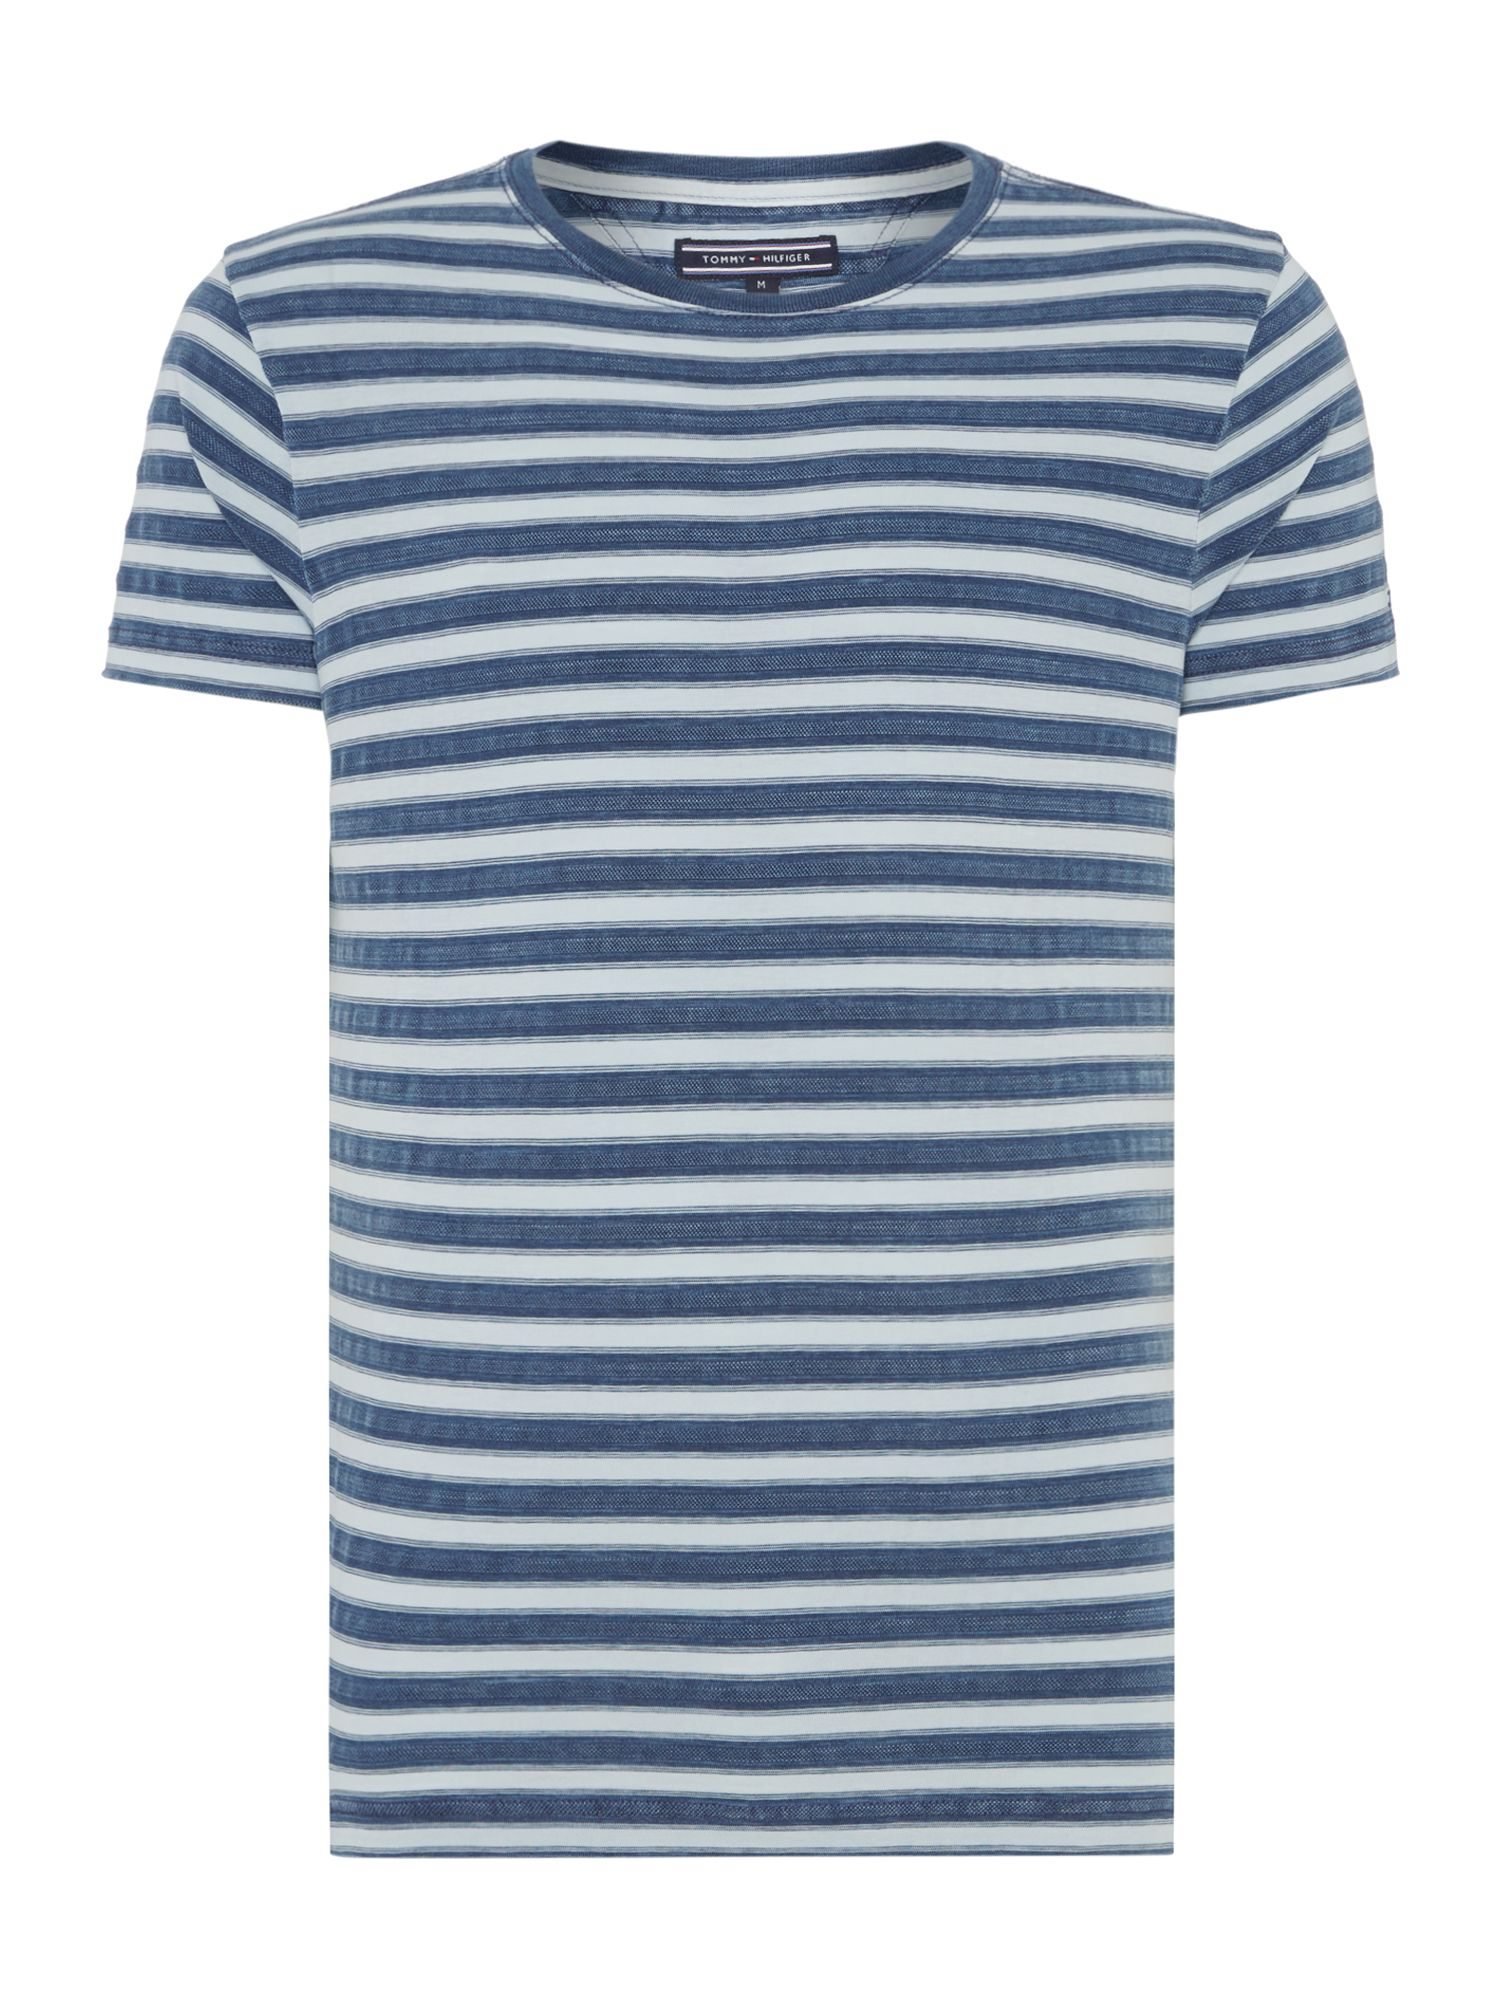 tommy hilfiger sid stripe crew neck regular fit t shirt in blue for men lyst. Black Bedroom Furniture Sets. Home Design Ideas